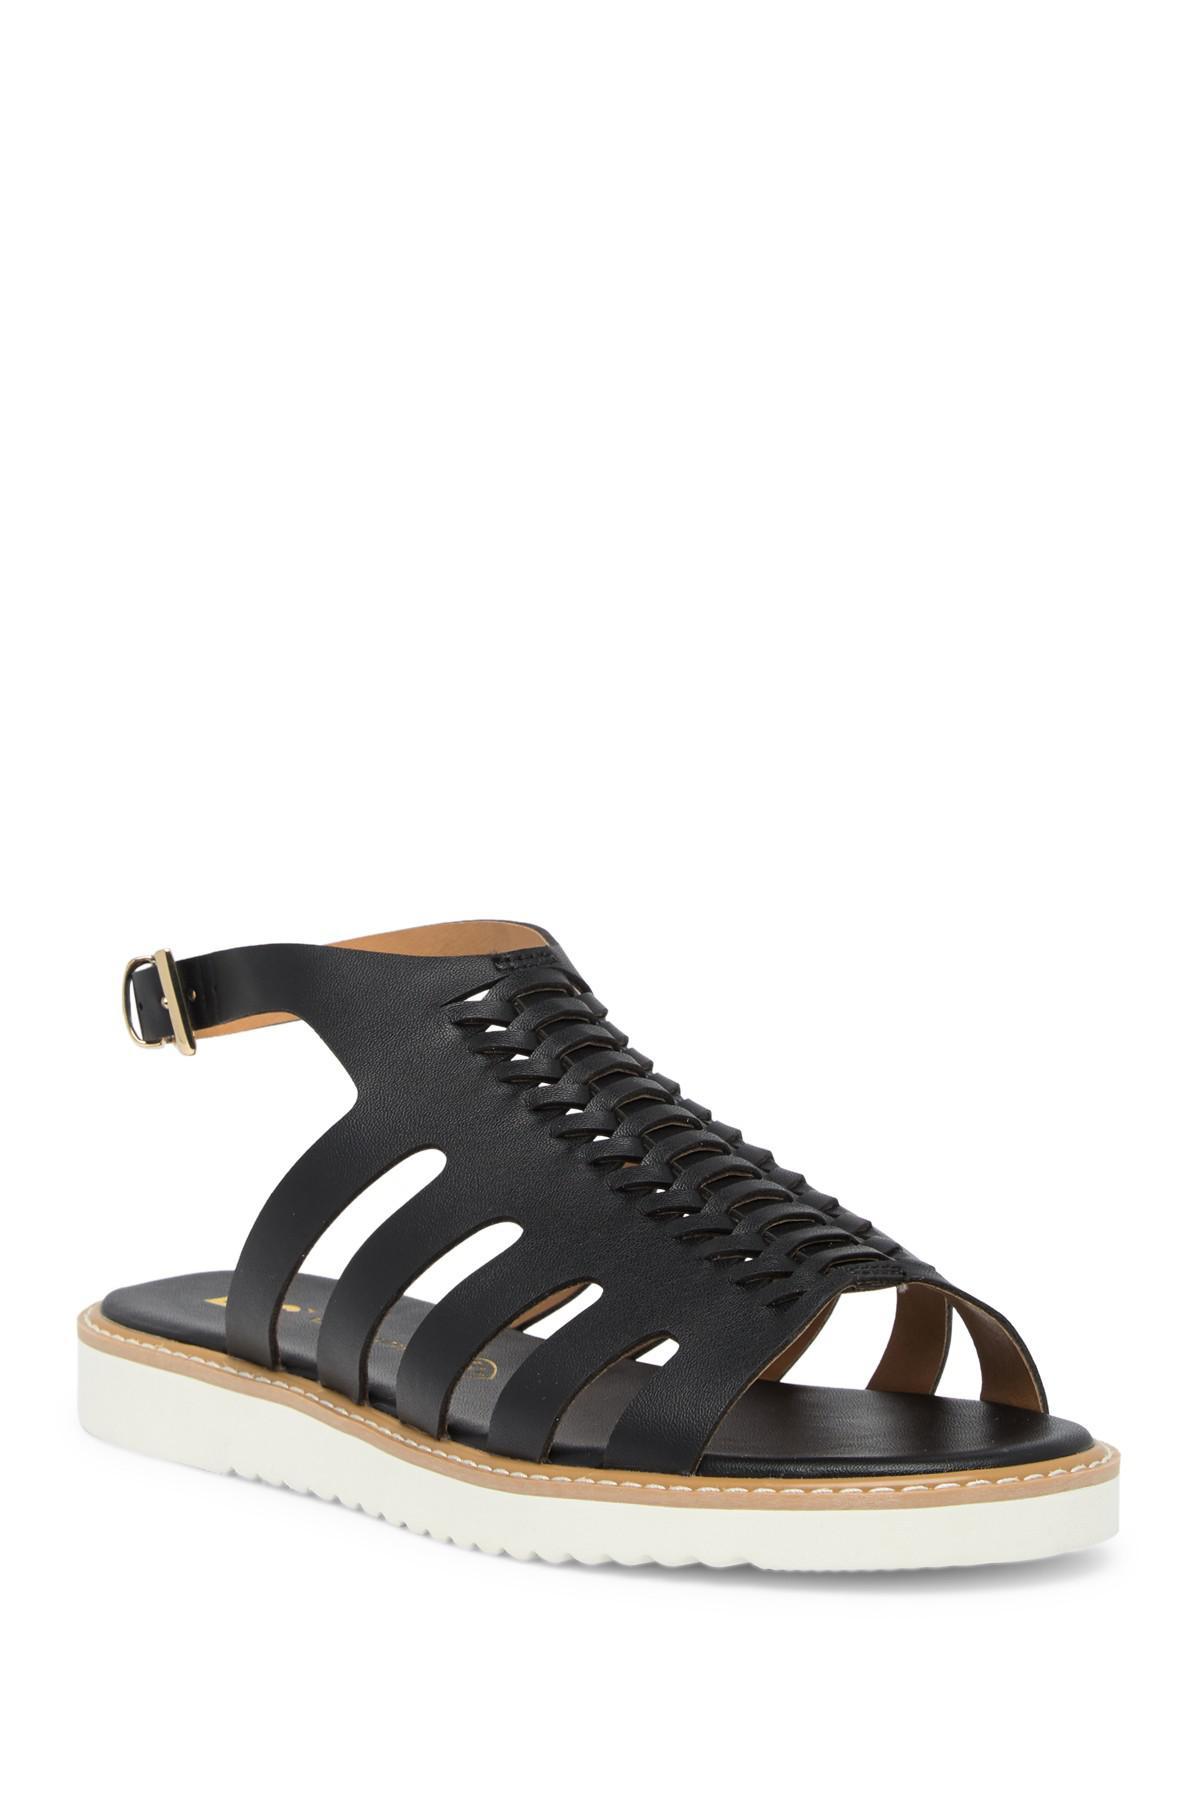 BC Footwear Something About You Vegan Sandal gP7LSwO